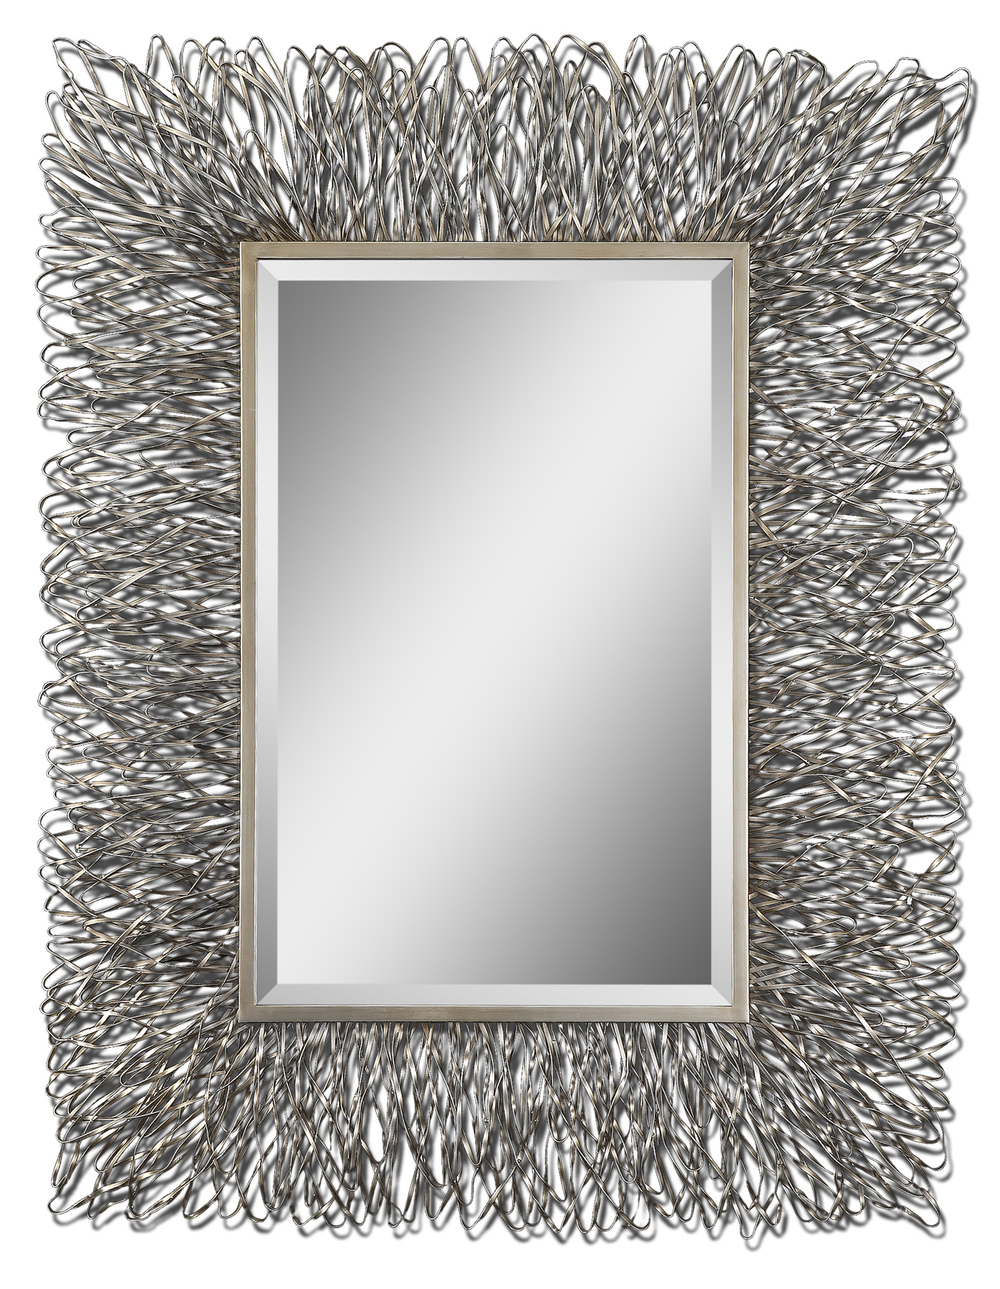 Uttermost Company - Corbis Mirror